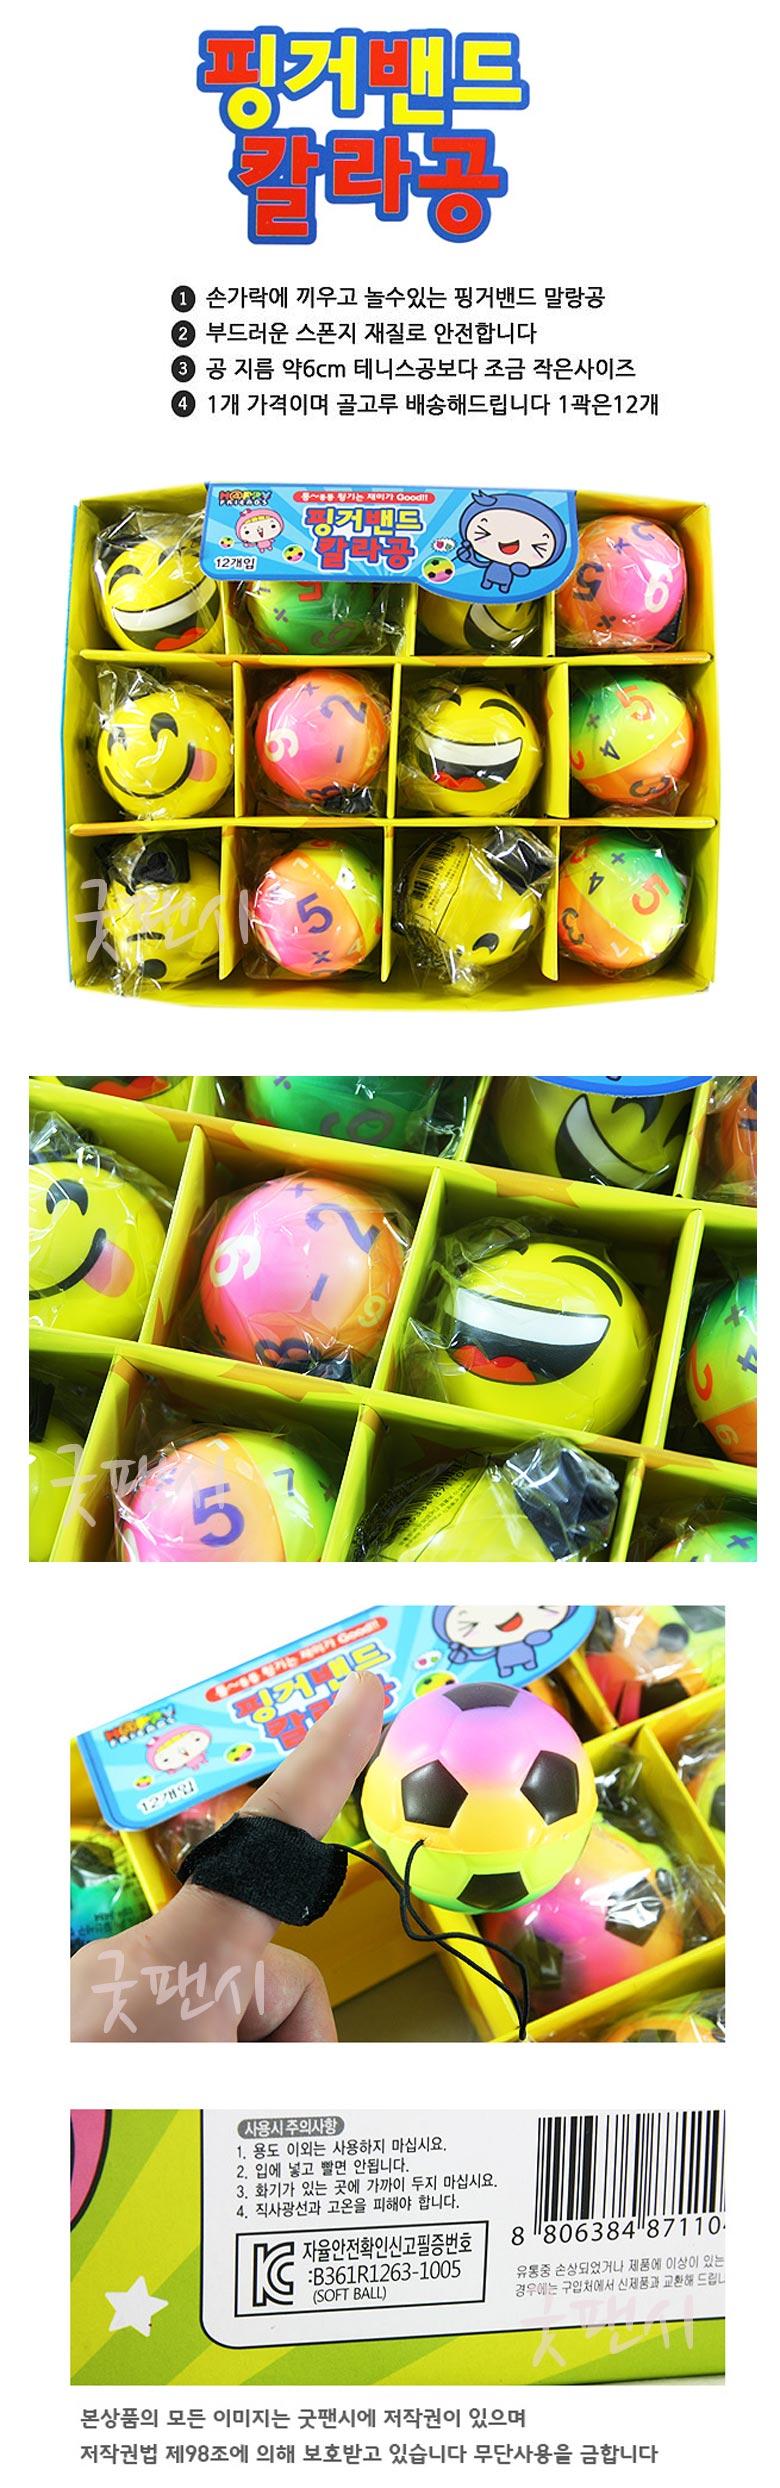 핑거밴드칼라공1,000원-굿팬시유아동, 유아완구/교구, 장난감, 장난감바보사랑핑거밴드칼라공1,000원-굿팬시유아동, 유아완구/교구, 장난감, 장난감바보사랑